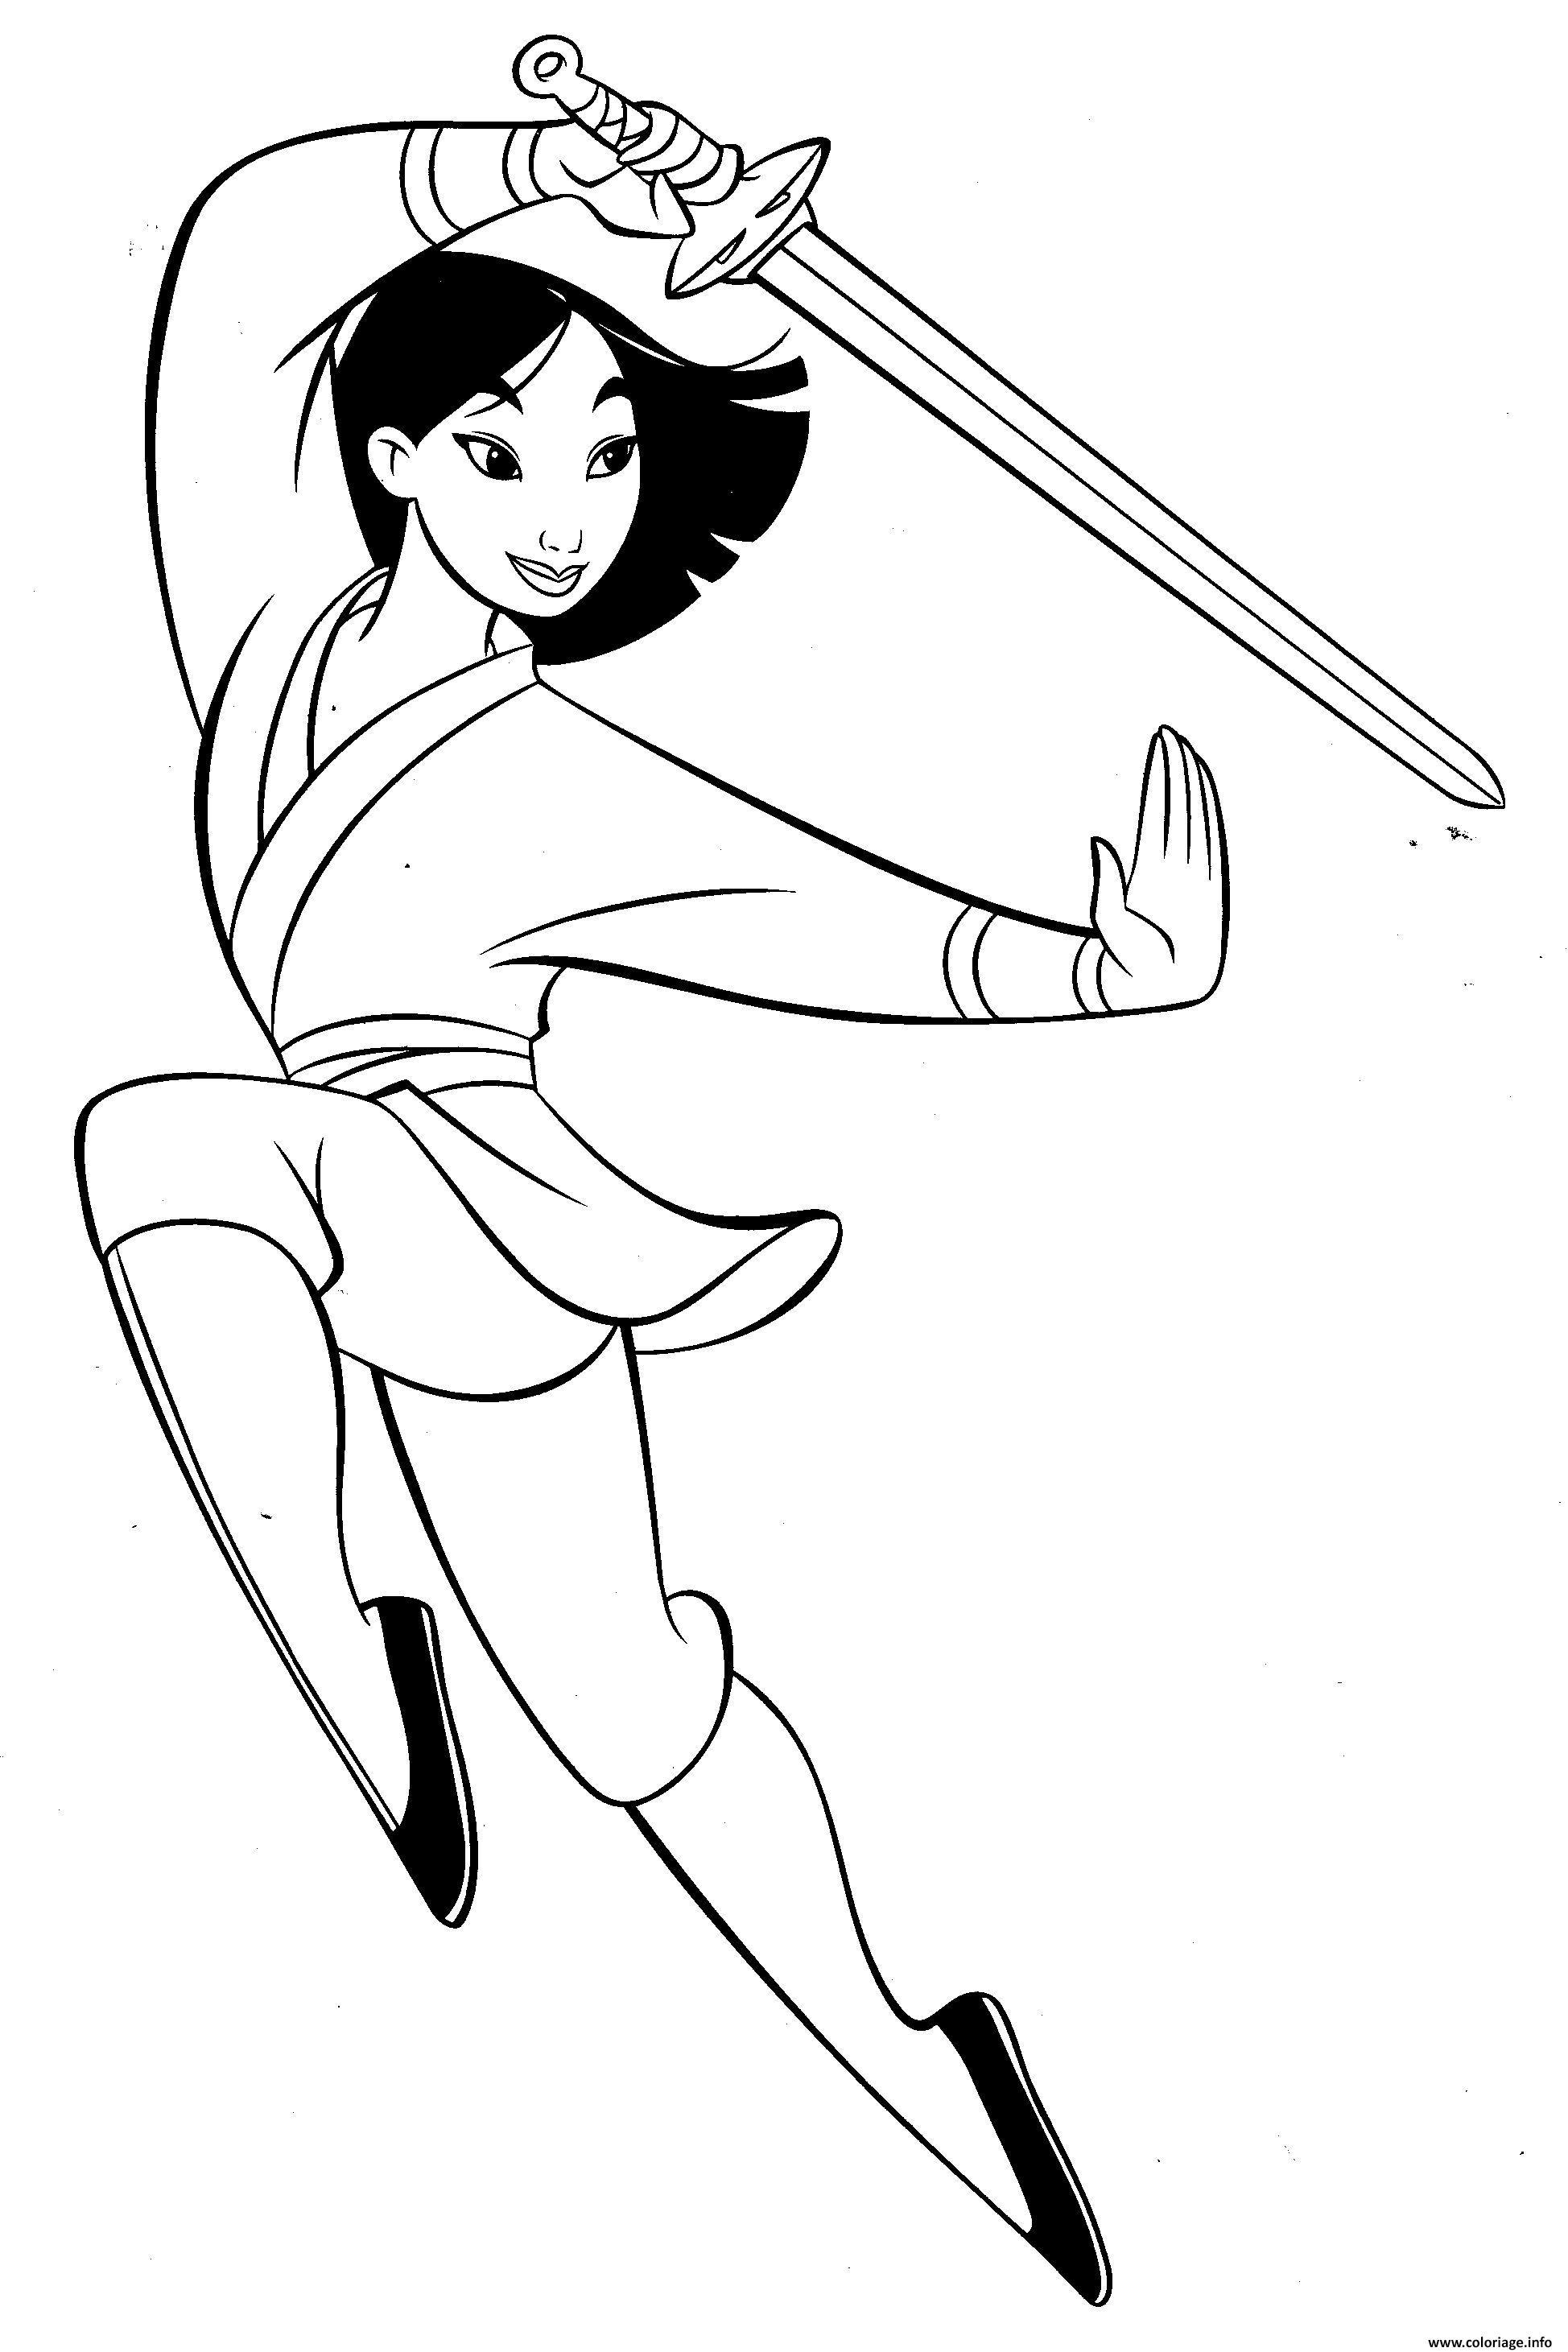 Dessin mulan la combattante avec une epee Coloriage Gratuit à Imprimer